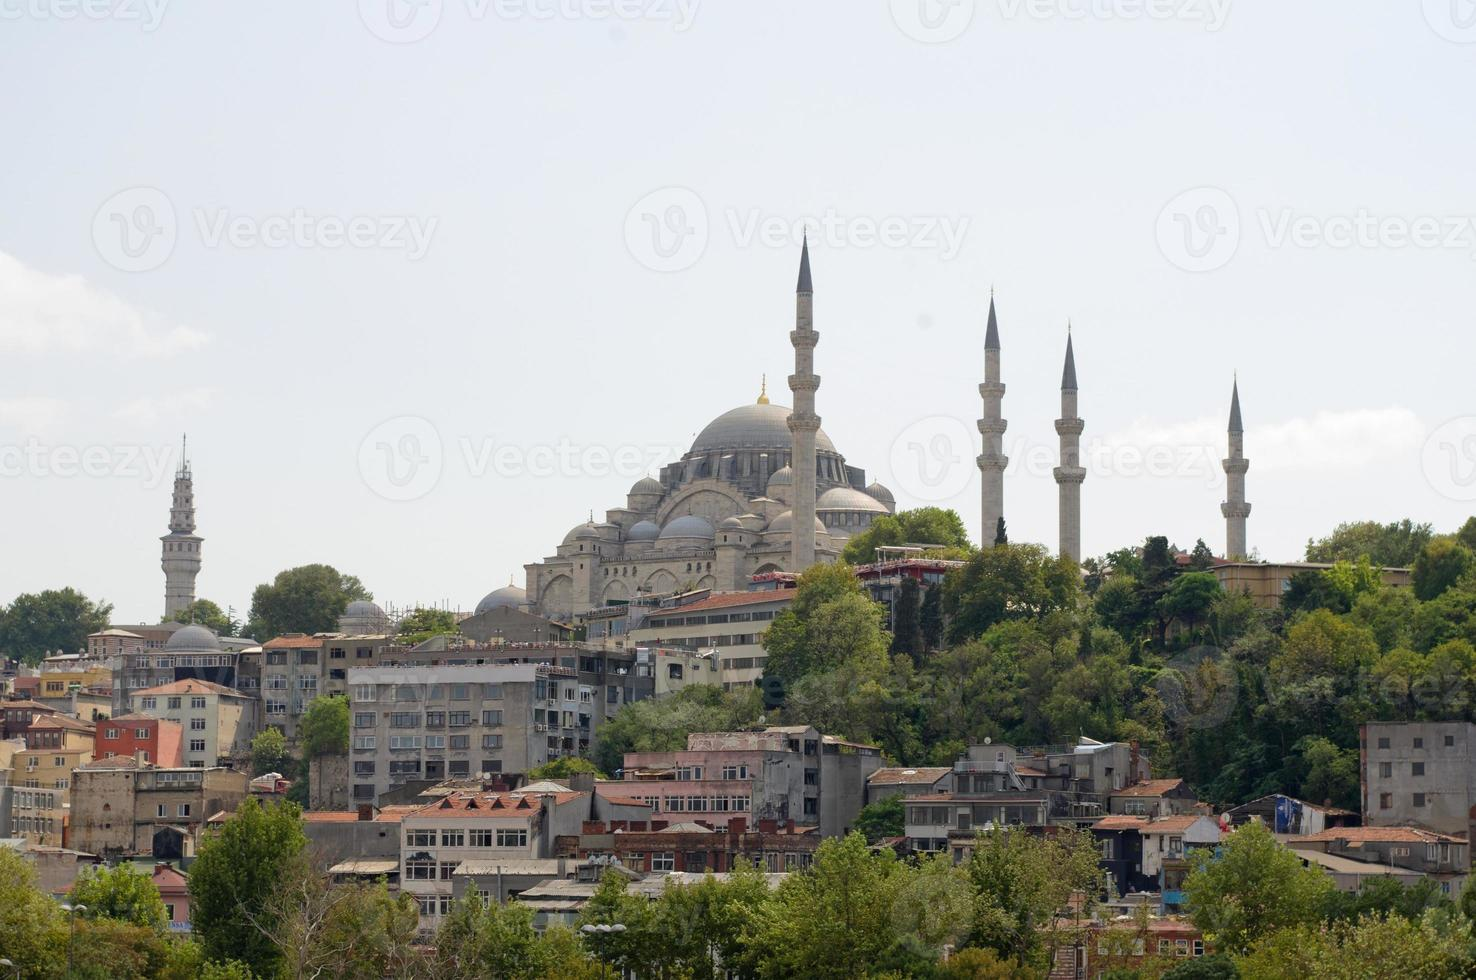 View of Suleymaniye Camii (Suleymaniye Mosque) Istanbul city, Turkey photo